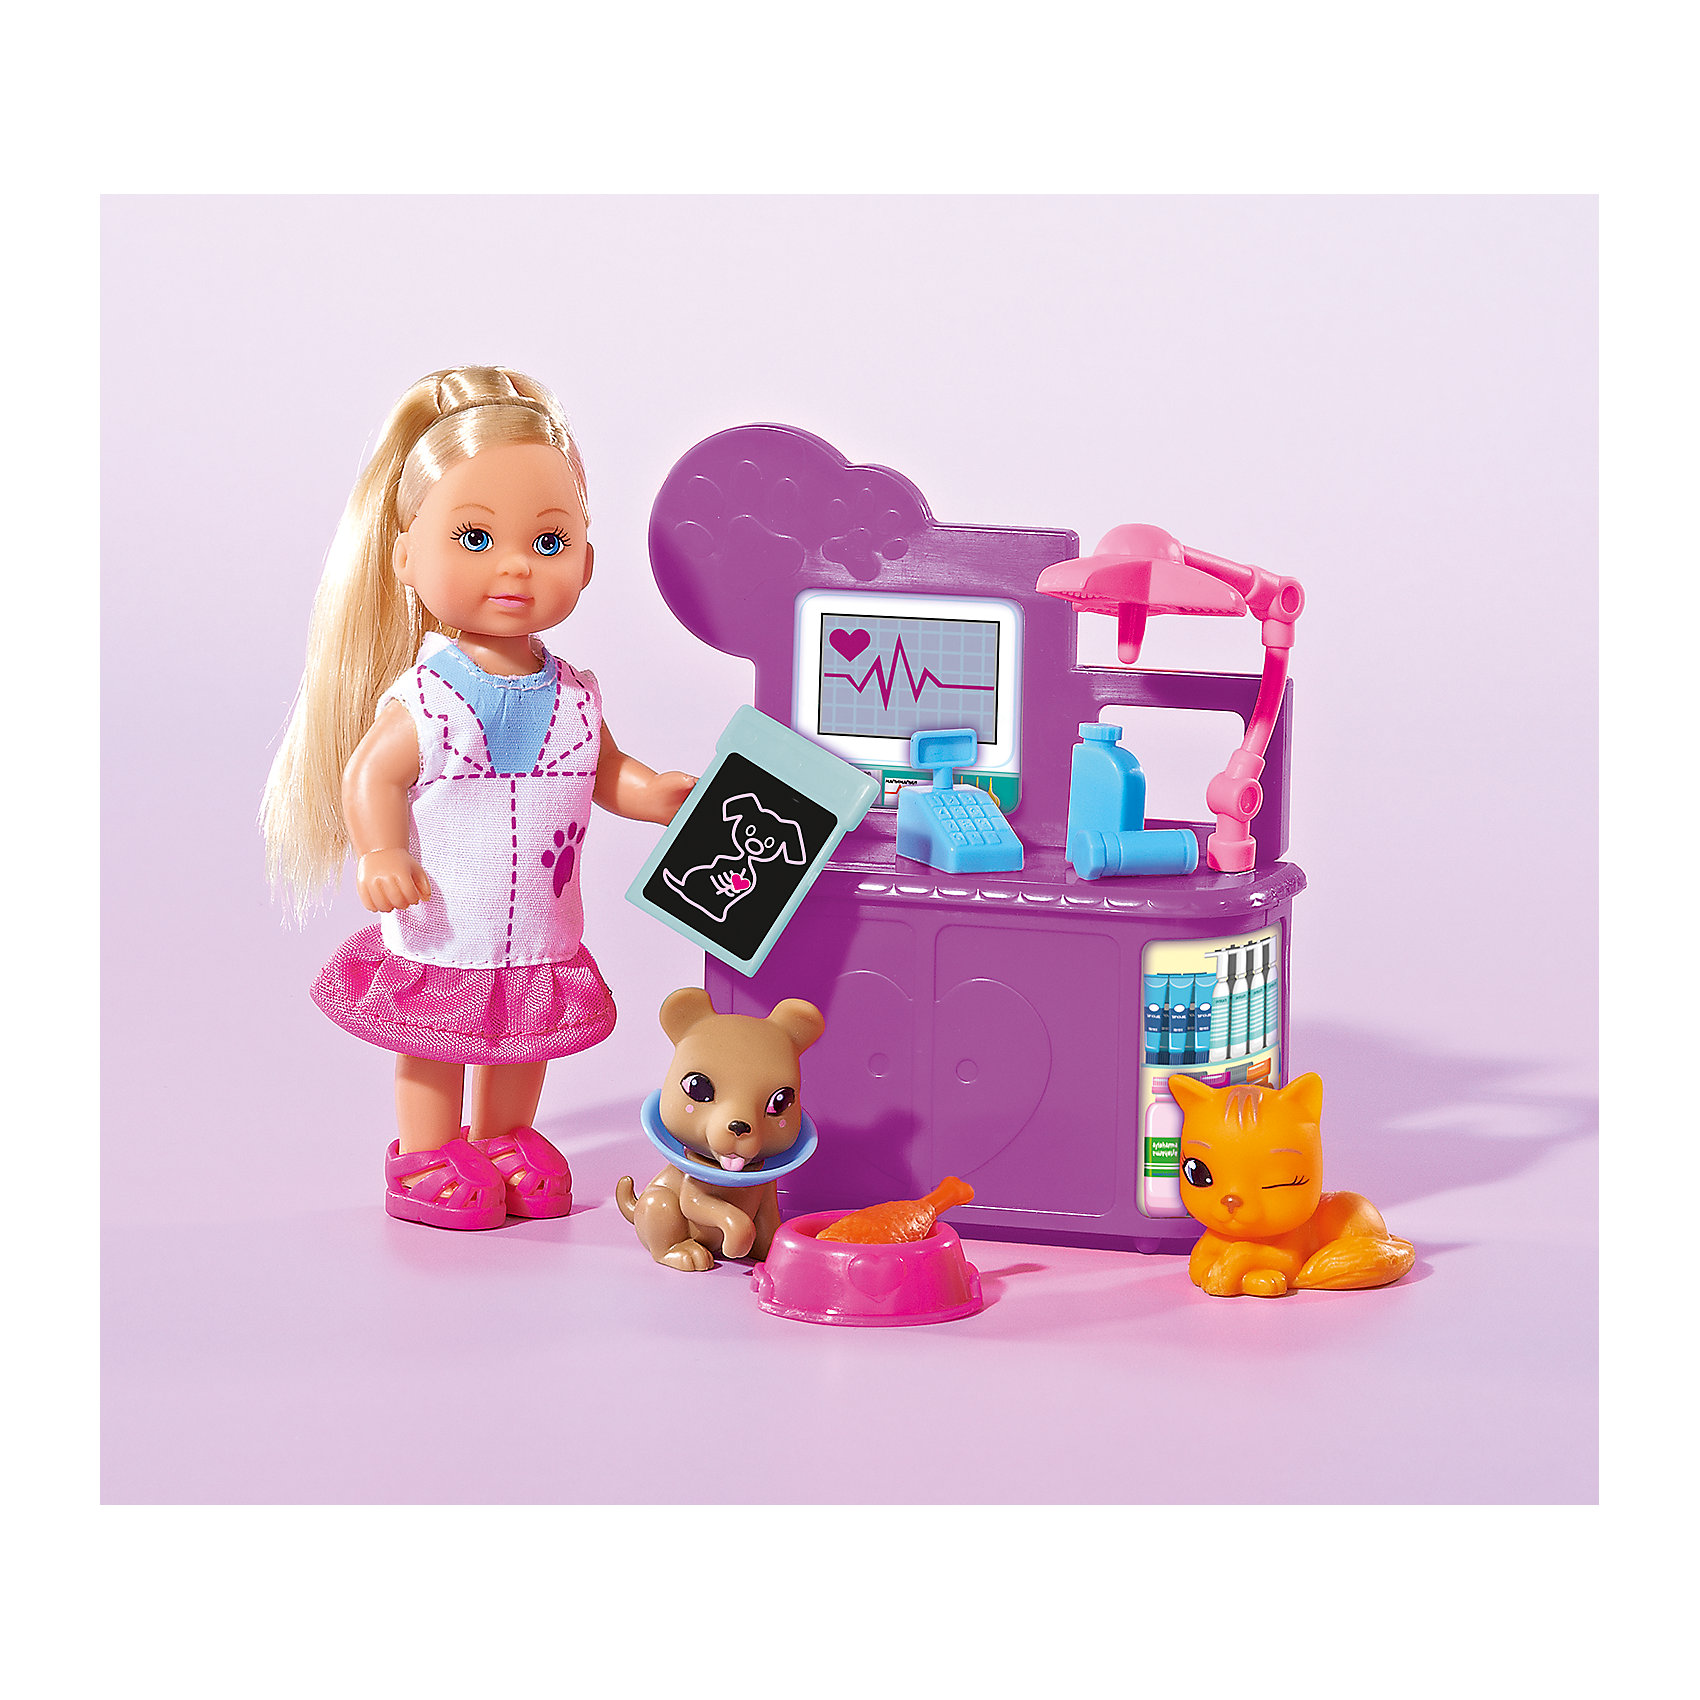 Кукла Еви-ветеринар, SimbaХарактеристики товара:<br><br>- цвет: разноцветный;<br>- материал: пластик;<br>- возраст: от трех лет;<br>- комплектация: кукла, аксессуары;<br>- высота куклы: 12 см.<br><br>Эта симпатичная кукла Еви от известного бренда не оставит девочку равнодушной! Какая девочка сможет отказаться поиграть с куклами, которые дополнены комплектом специальных предметов?! В набор входят аксессуары для игр с куклой. Игрушка очень качественно выполнена, поэтому она станет замечательным подарком ребенку. <br>Продается набор в красивой удобной упаковке. Игры с куклами помогают девочкам развить важные навыки и отработать модели социального взаимодействия. Изделие произведено из высококачественного материала, безопасного для детей.<br><br>Набор кукла Еви-ветеринар от бренда Simba можно купить в нашем интернет-магазине.<br><br>Ширина мм: 203<br>Глубина мм: 167<br>Высота мм: 55<br>Вес г: 190<br>Возраст от месяцев: 36<br>Возраст до месяцев: 84<br>Пол: Женский<br>Возраст: Детский<br>SKU: 4129100